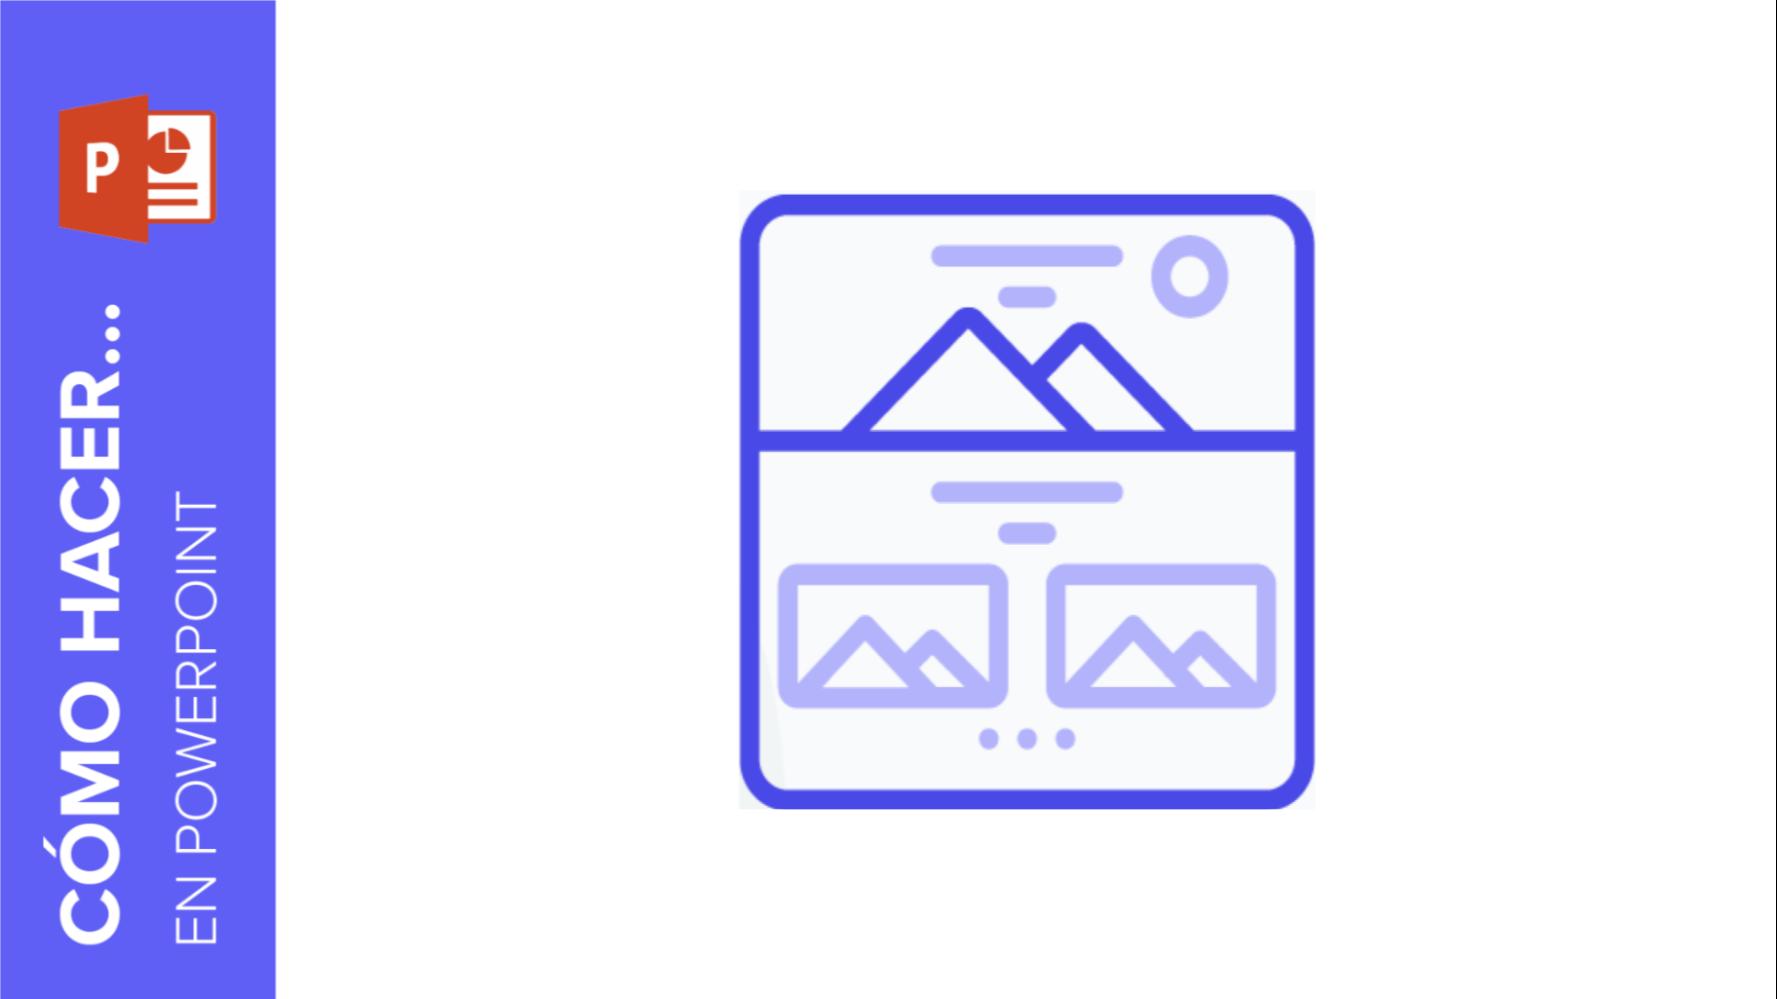 Cómo añadir o cambiar temas en PowerPoint | Tutoriales y Tips para tus presentaciones